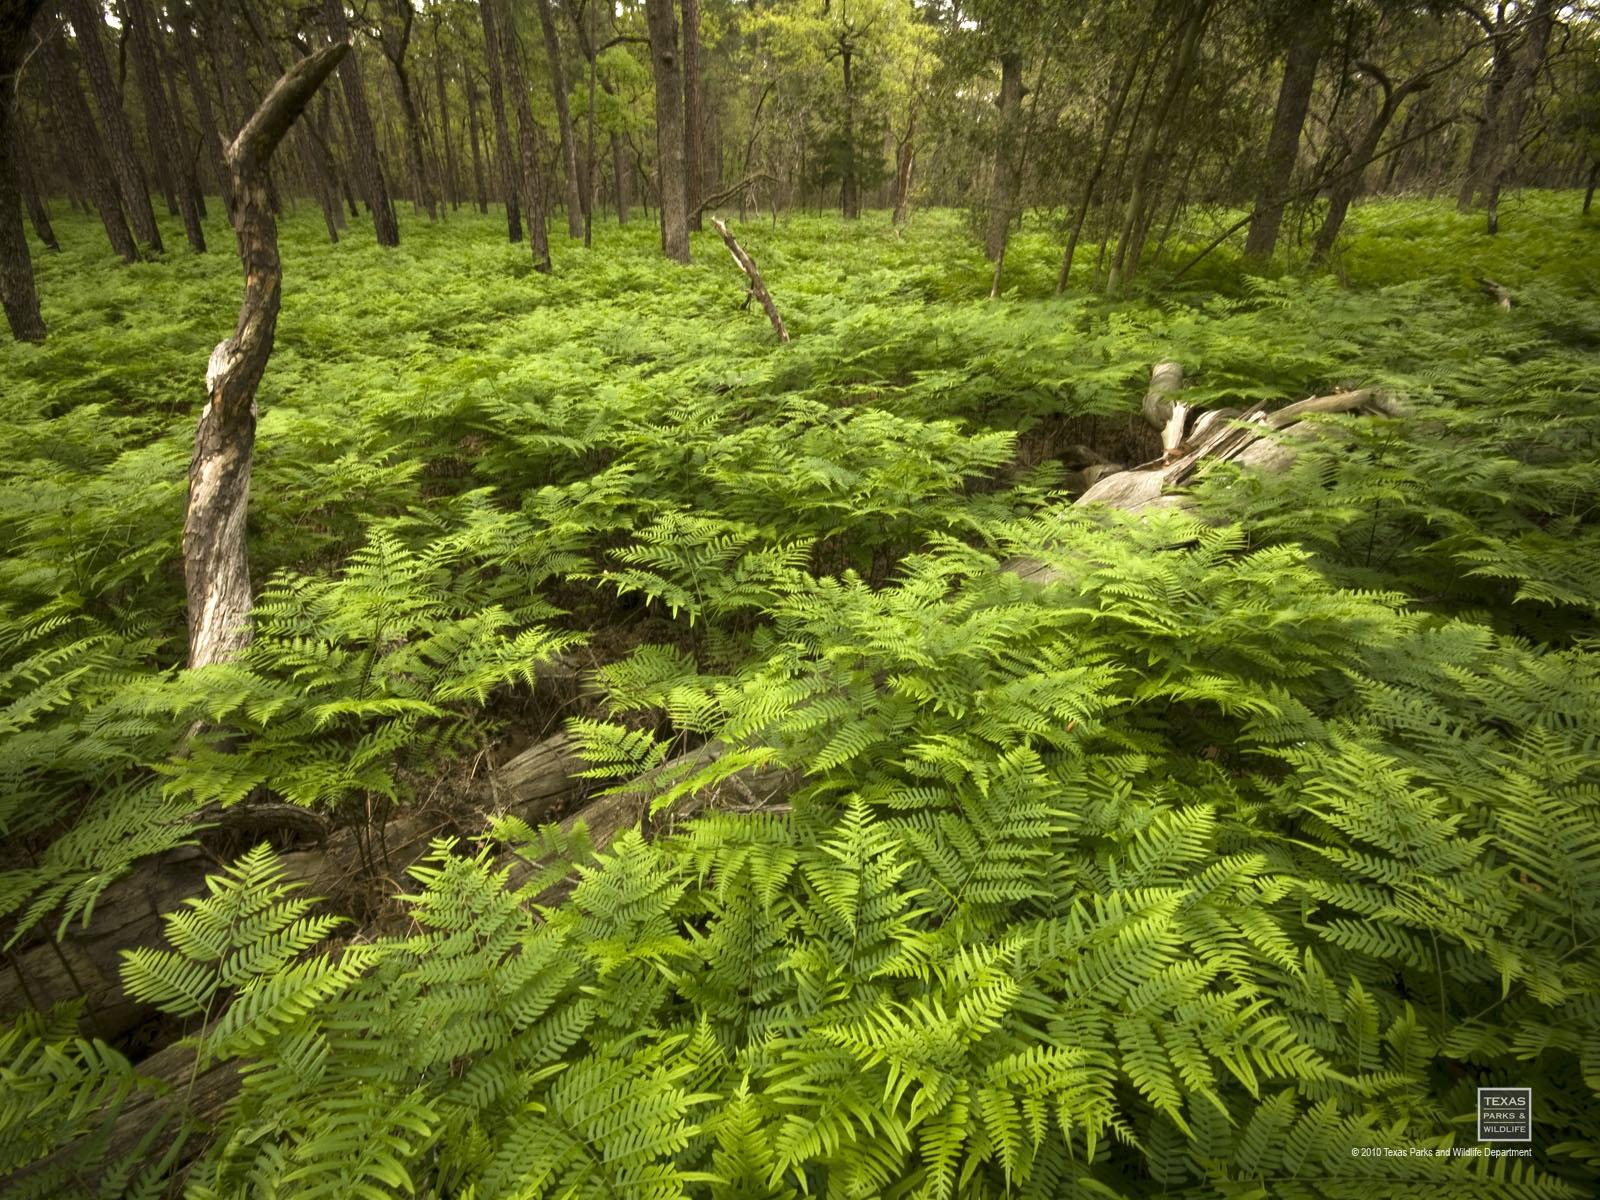 Bracken ferns at Bastrop State park